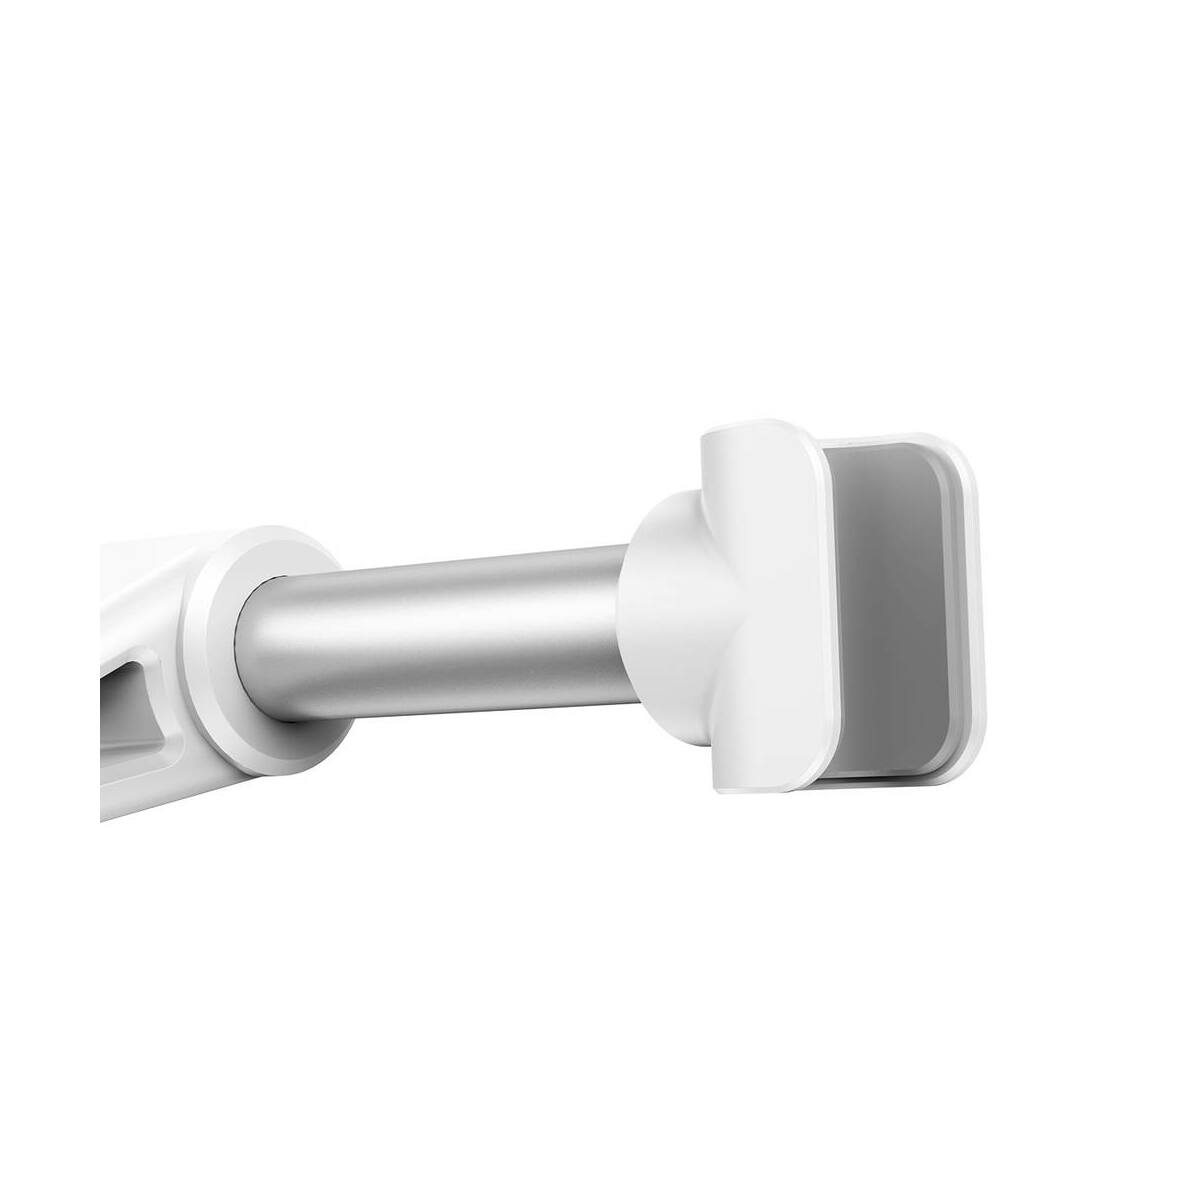 Baseus autós telefon/tablet tartó, első ülés fejtámlára, fehér/ezüst (SUHZ-2S)